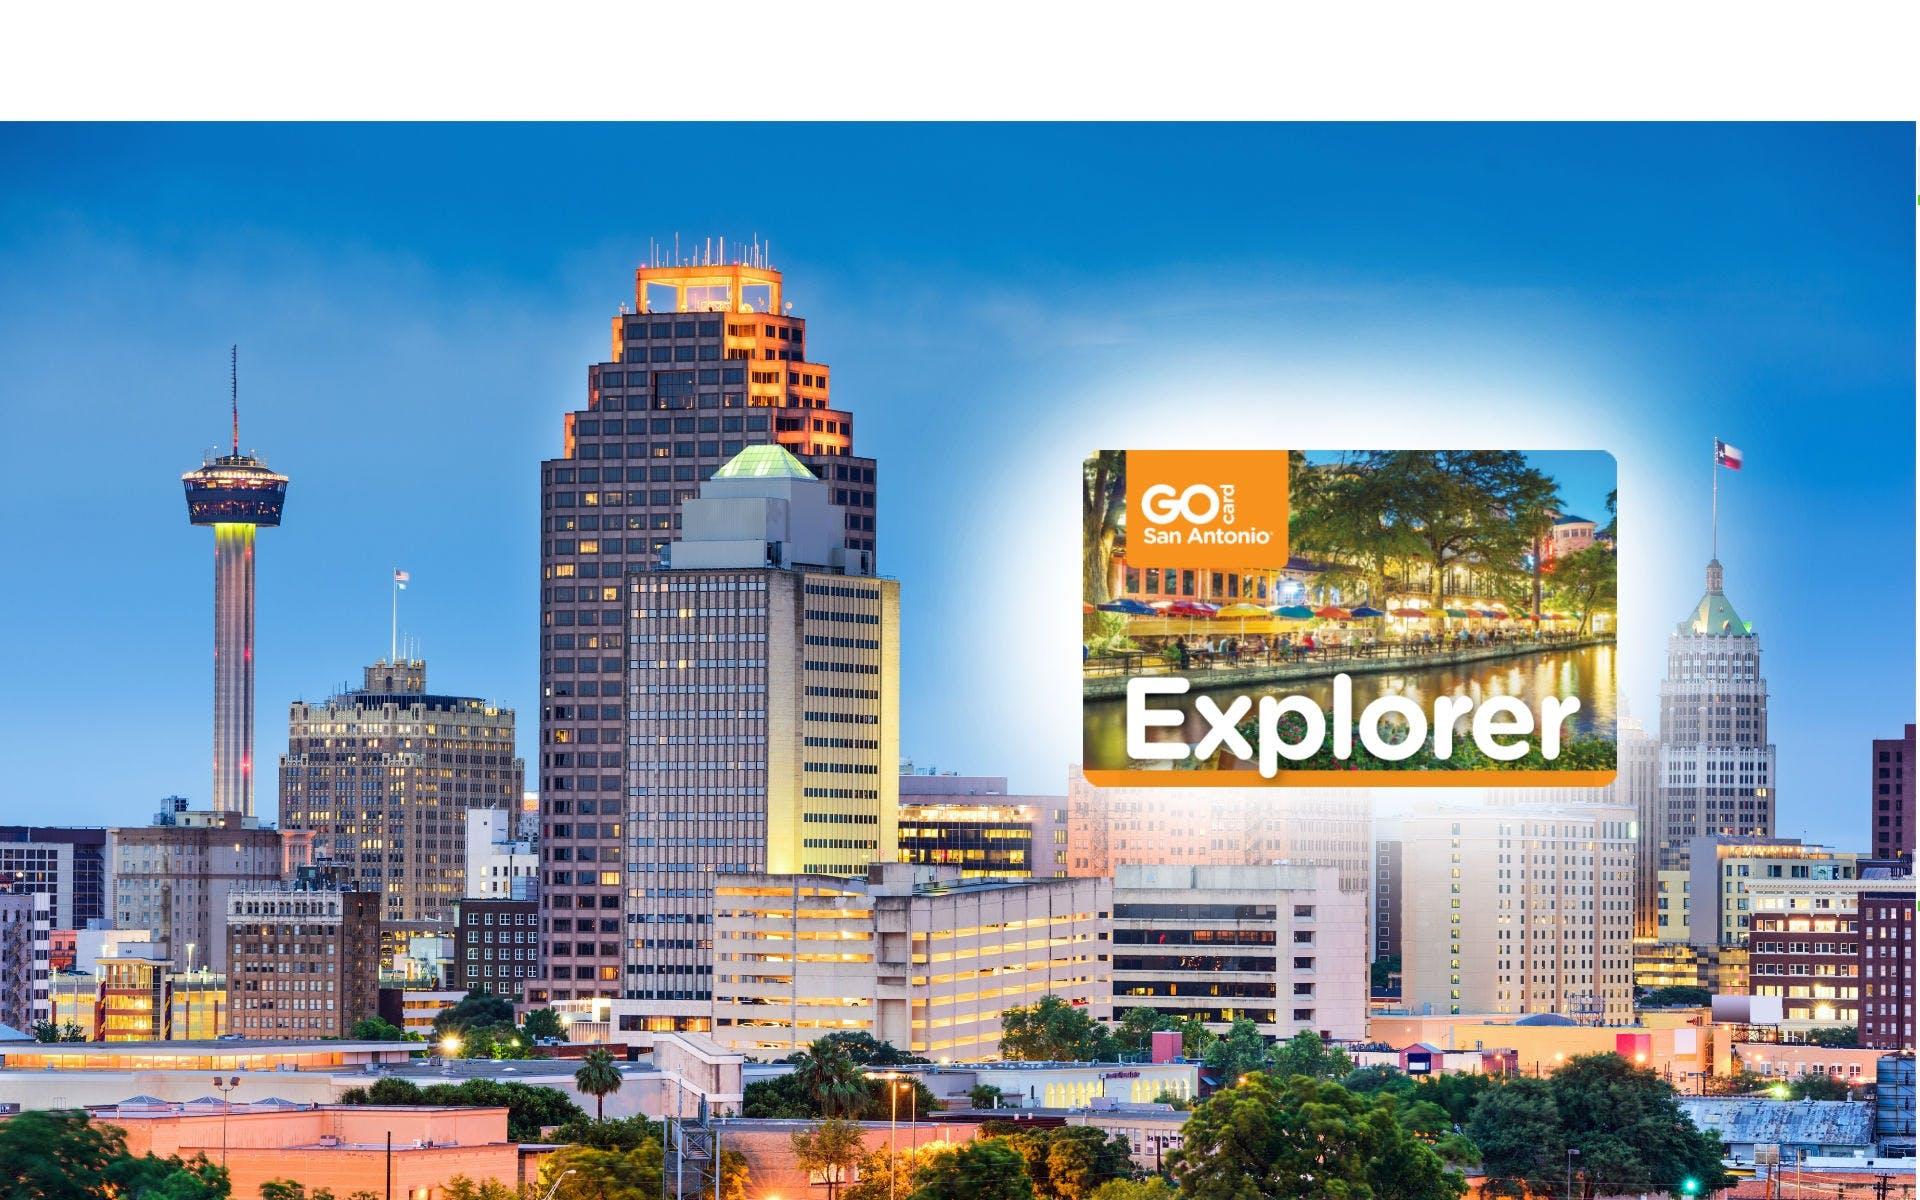 Ver la ciudad,Tickets, museos, atracciones,Pases de ciudad,Entradas a atracciones principales,San Antonio City Pass